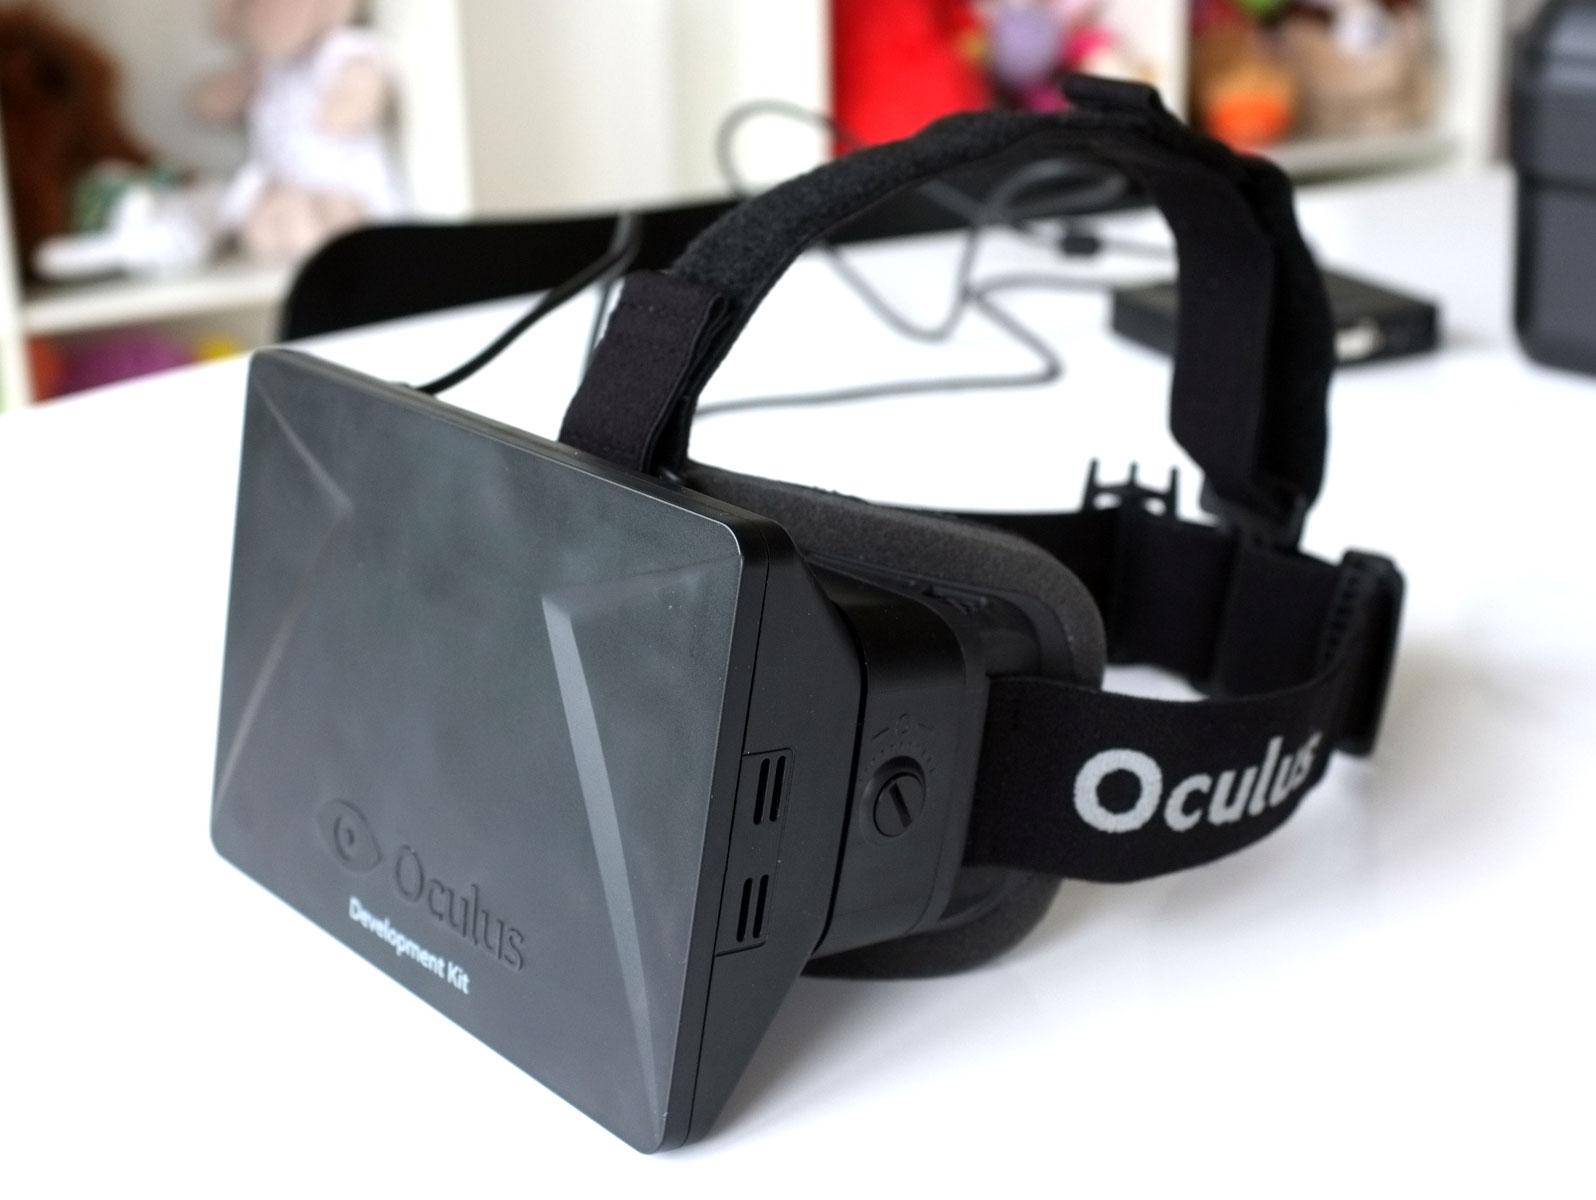 Oculus Rift, o tão aguardado dispositivo de realidade virtual, agora pertence ao Facebook.